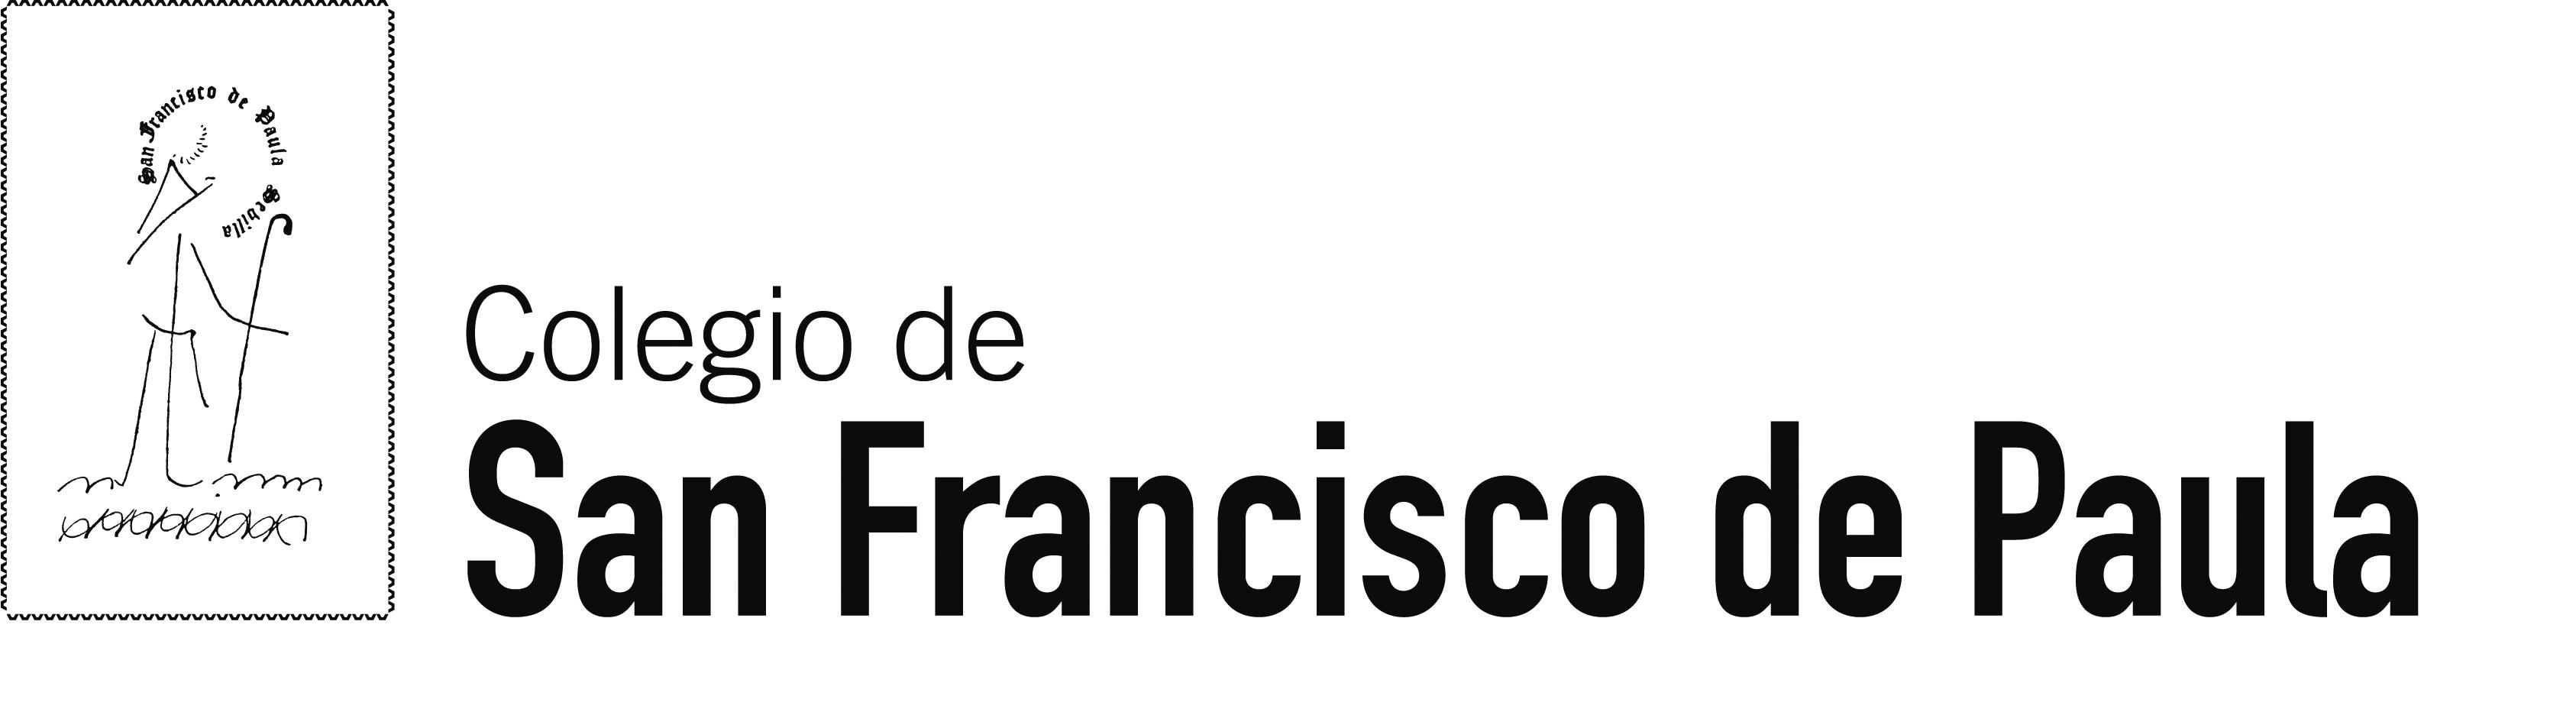 CONVOCATORIA DE PRENSA: EL COLEGIO DE SAN FRANCISCO DE PAULA INAUGURA MAÑANA EL ÚNICO ROCÓDROMO DEL CENTRO HISTÓRICO DE SEVILLA